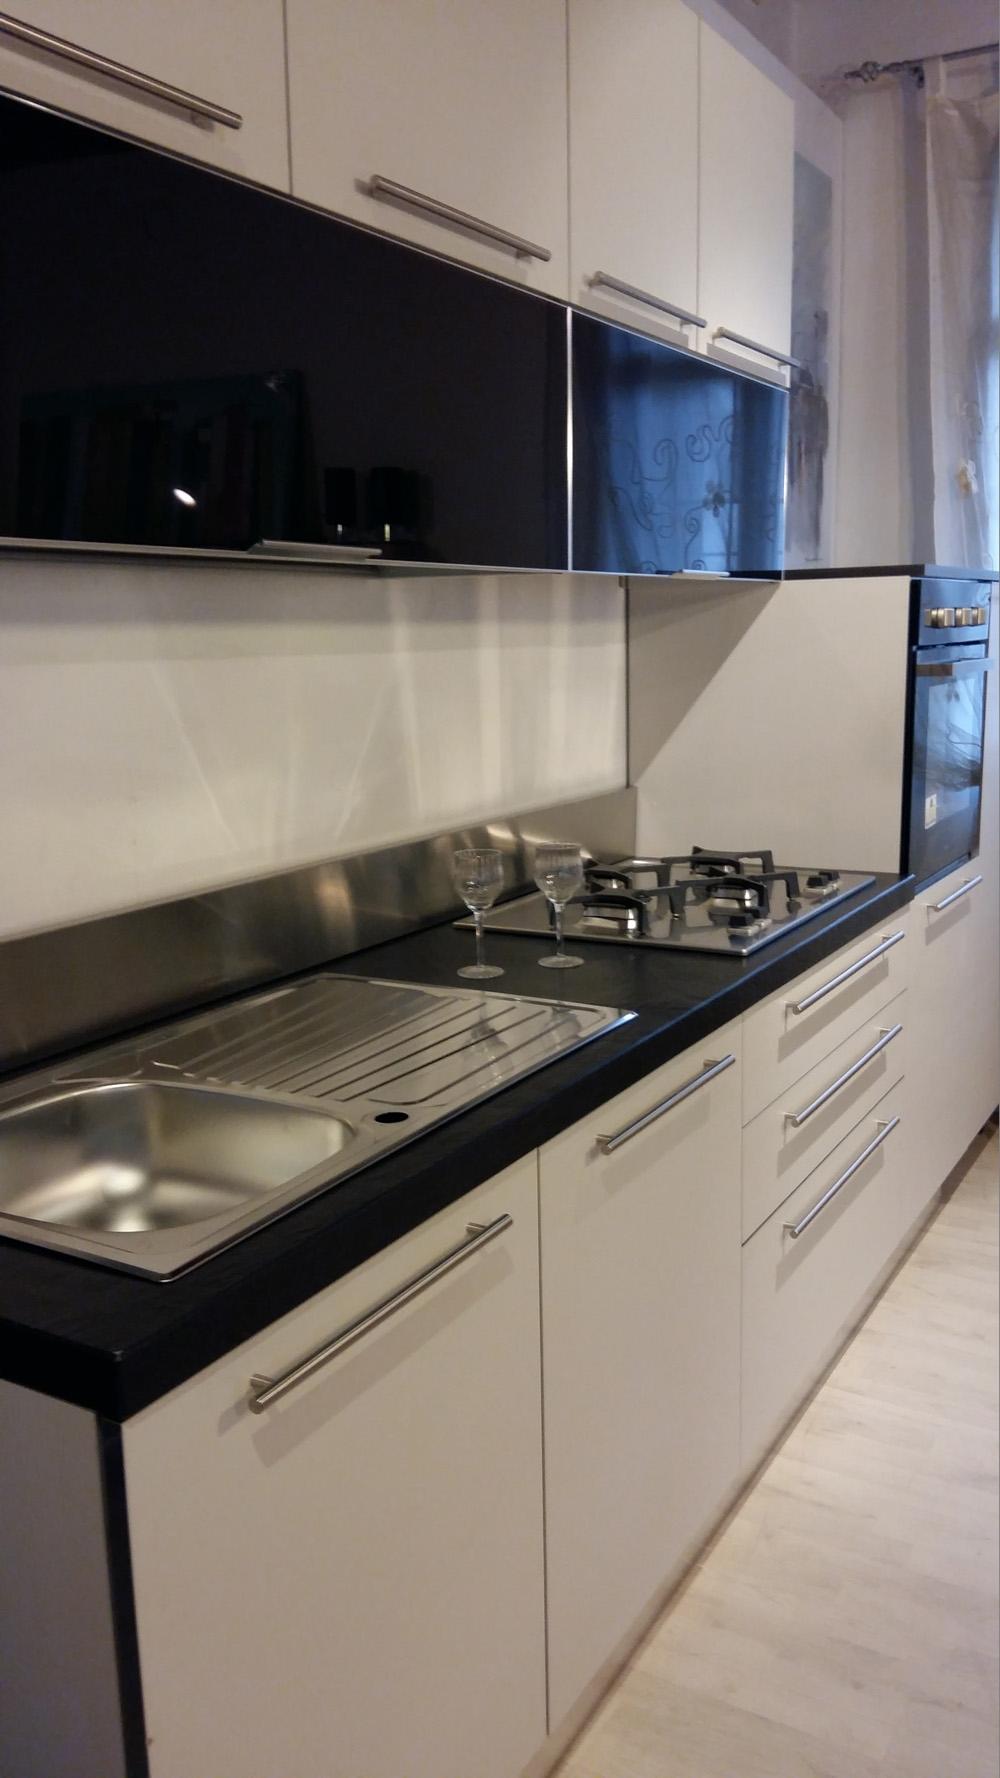 Aran cucine cucina bella moderno laminato materico bianca cucine a prezzi scontati - Aran cucine outlet ...